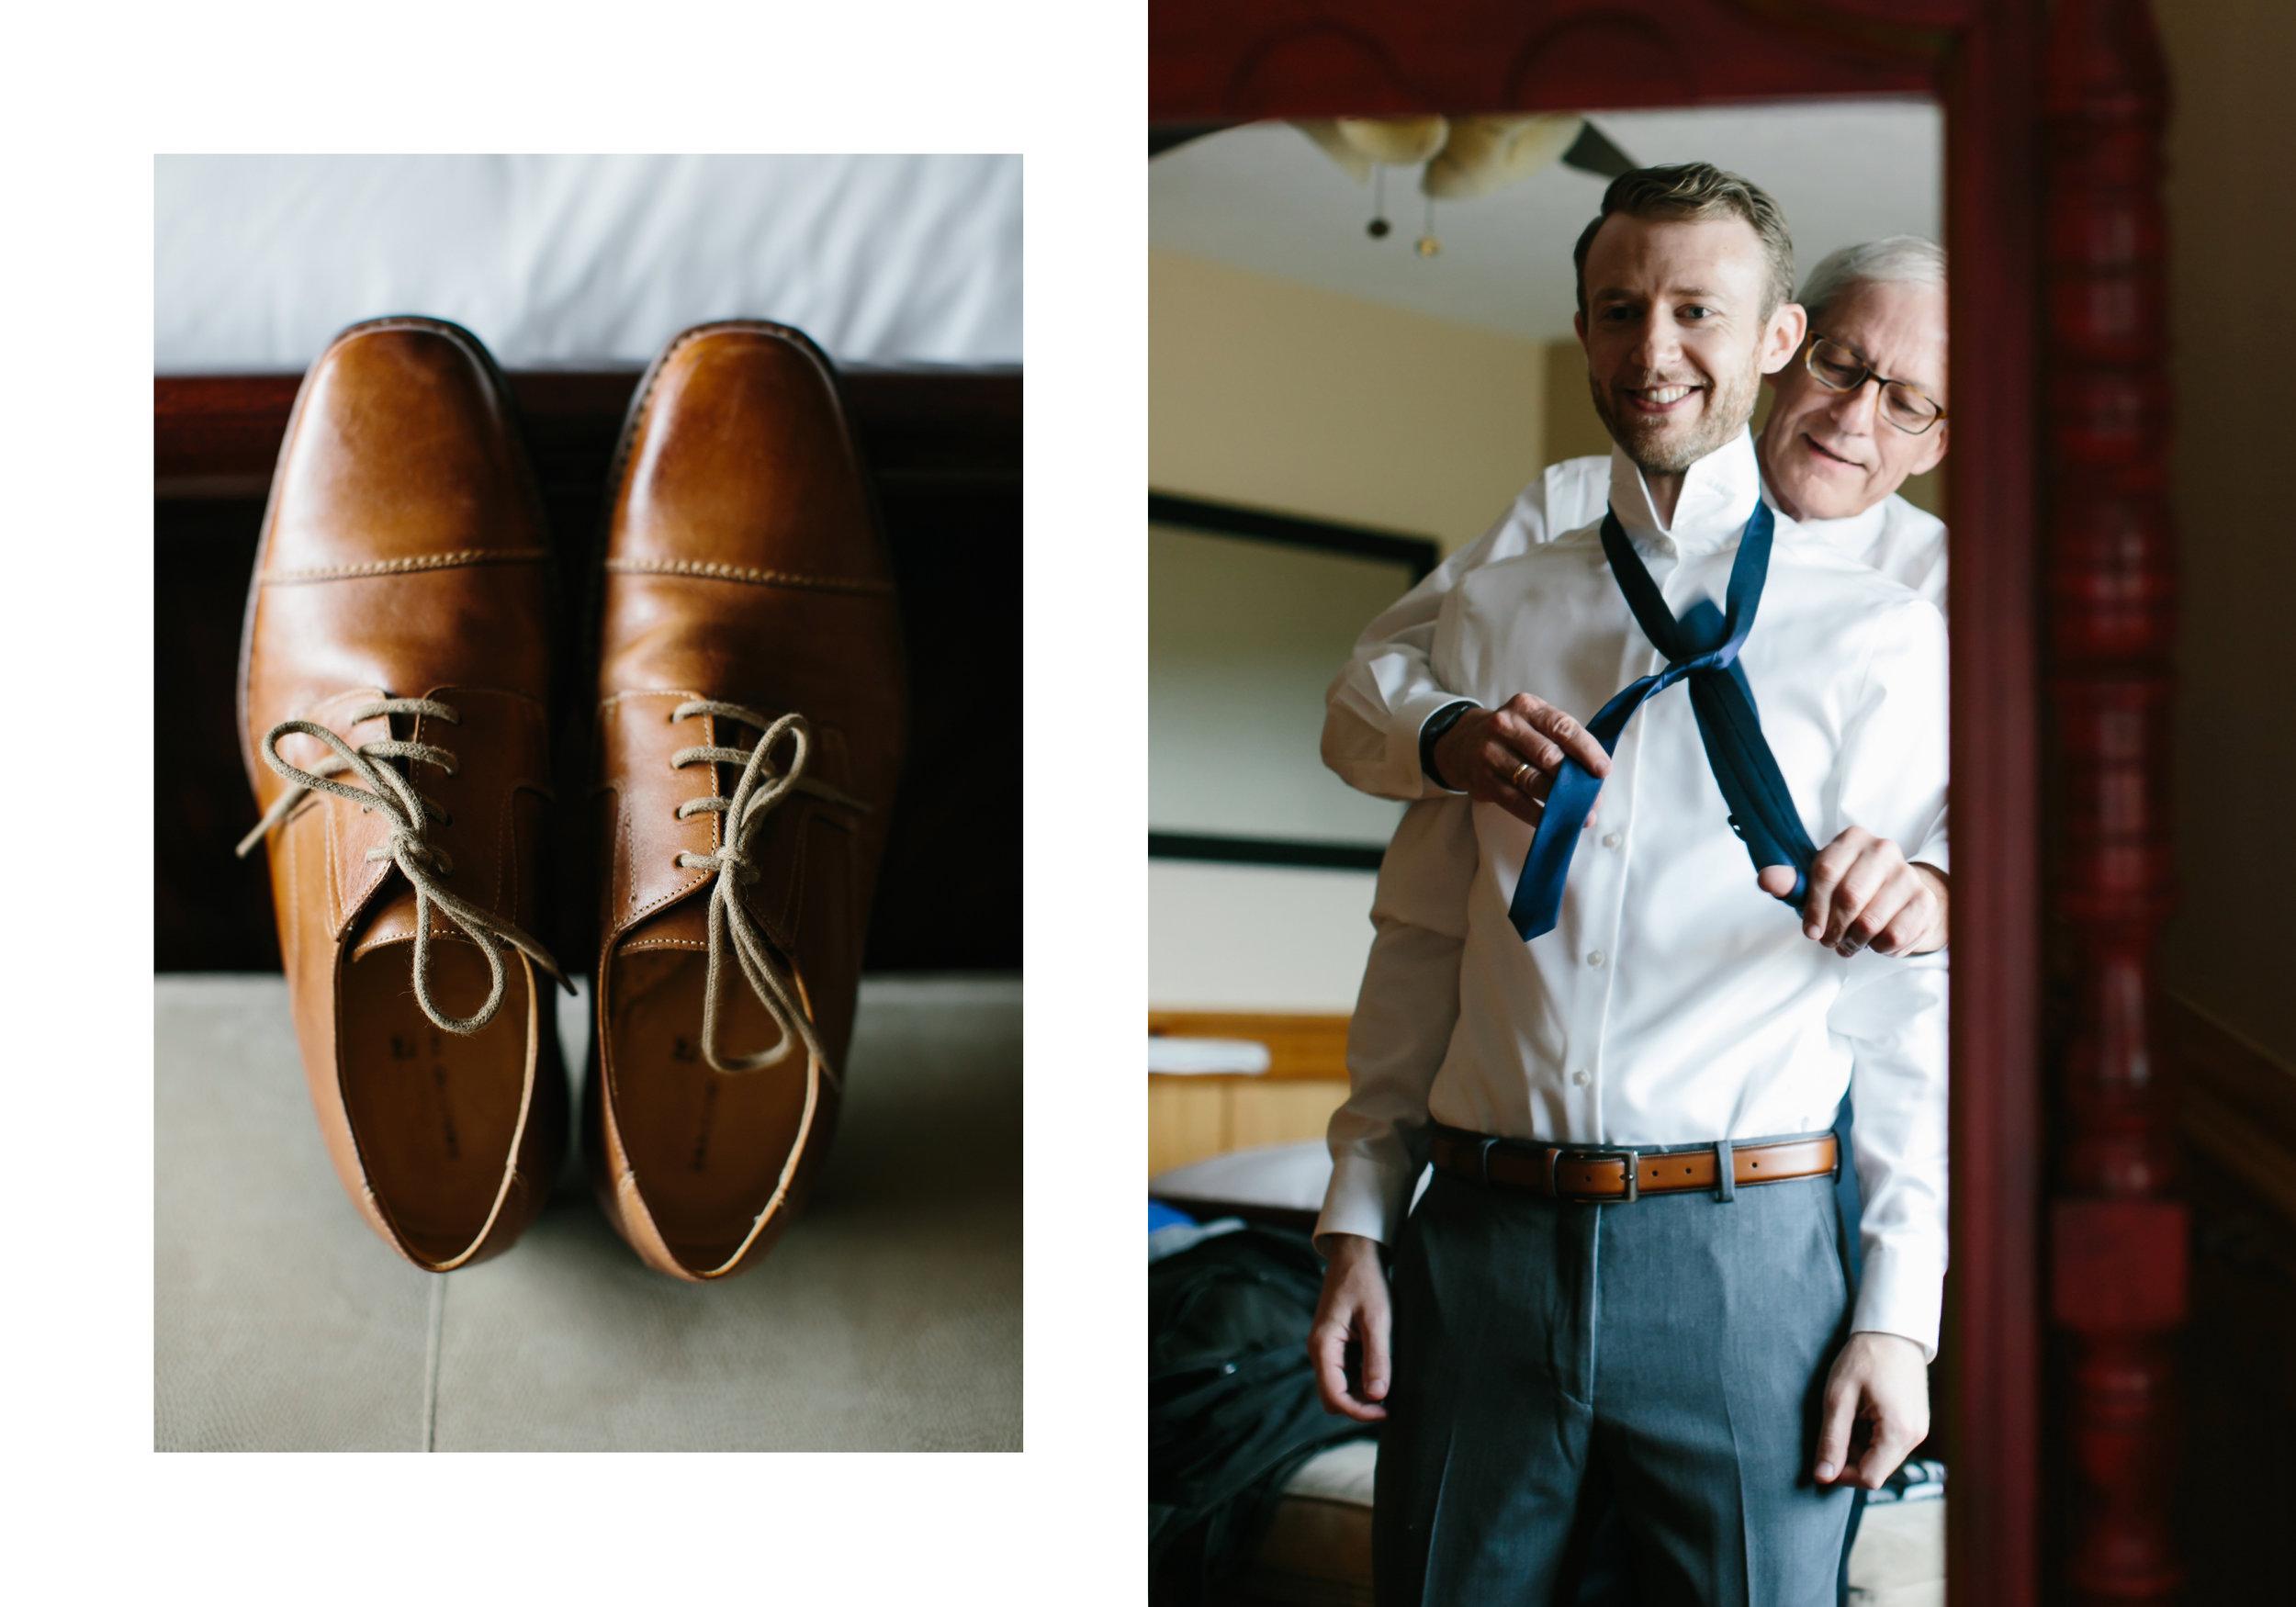 scholls-valley-lodge-wedding-photographer-ashley-courter0001.JPG